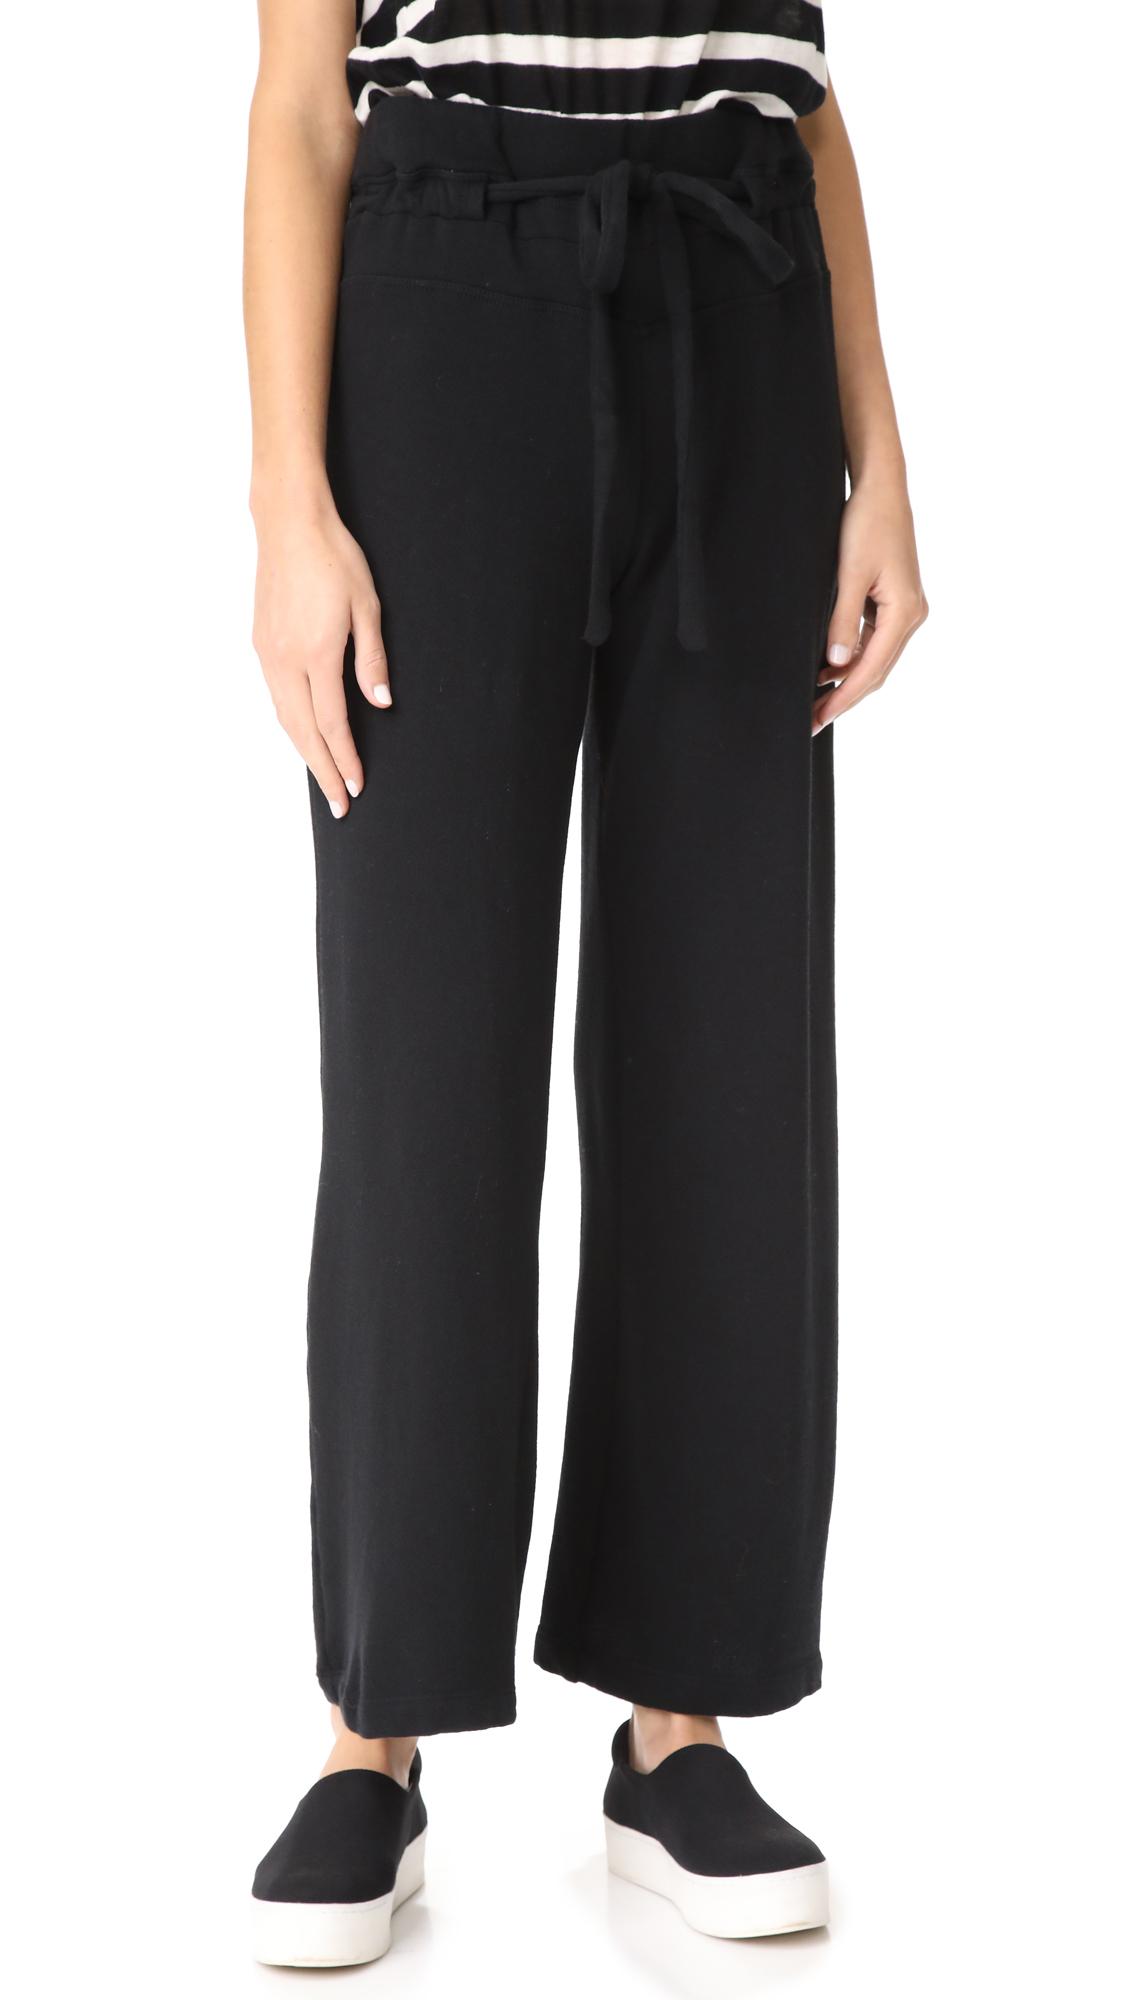 Wide Leg Sweatpants